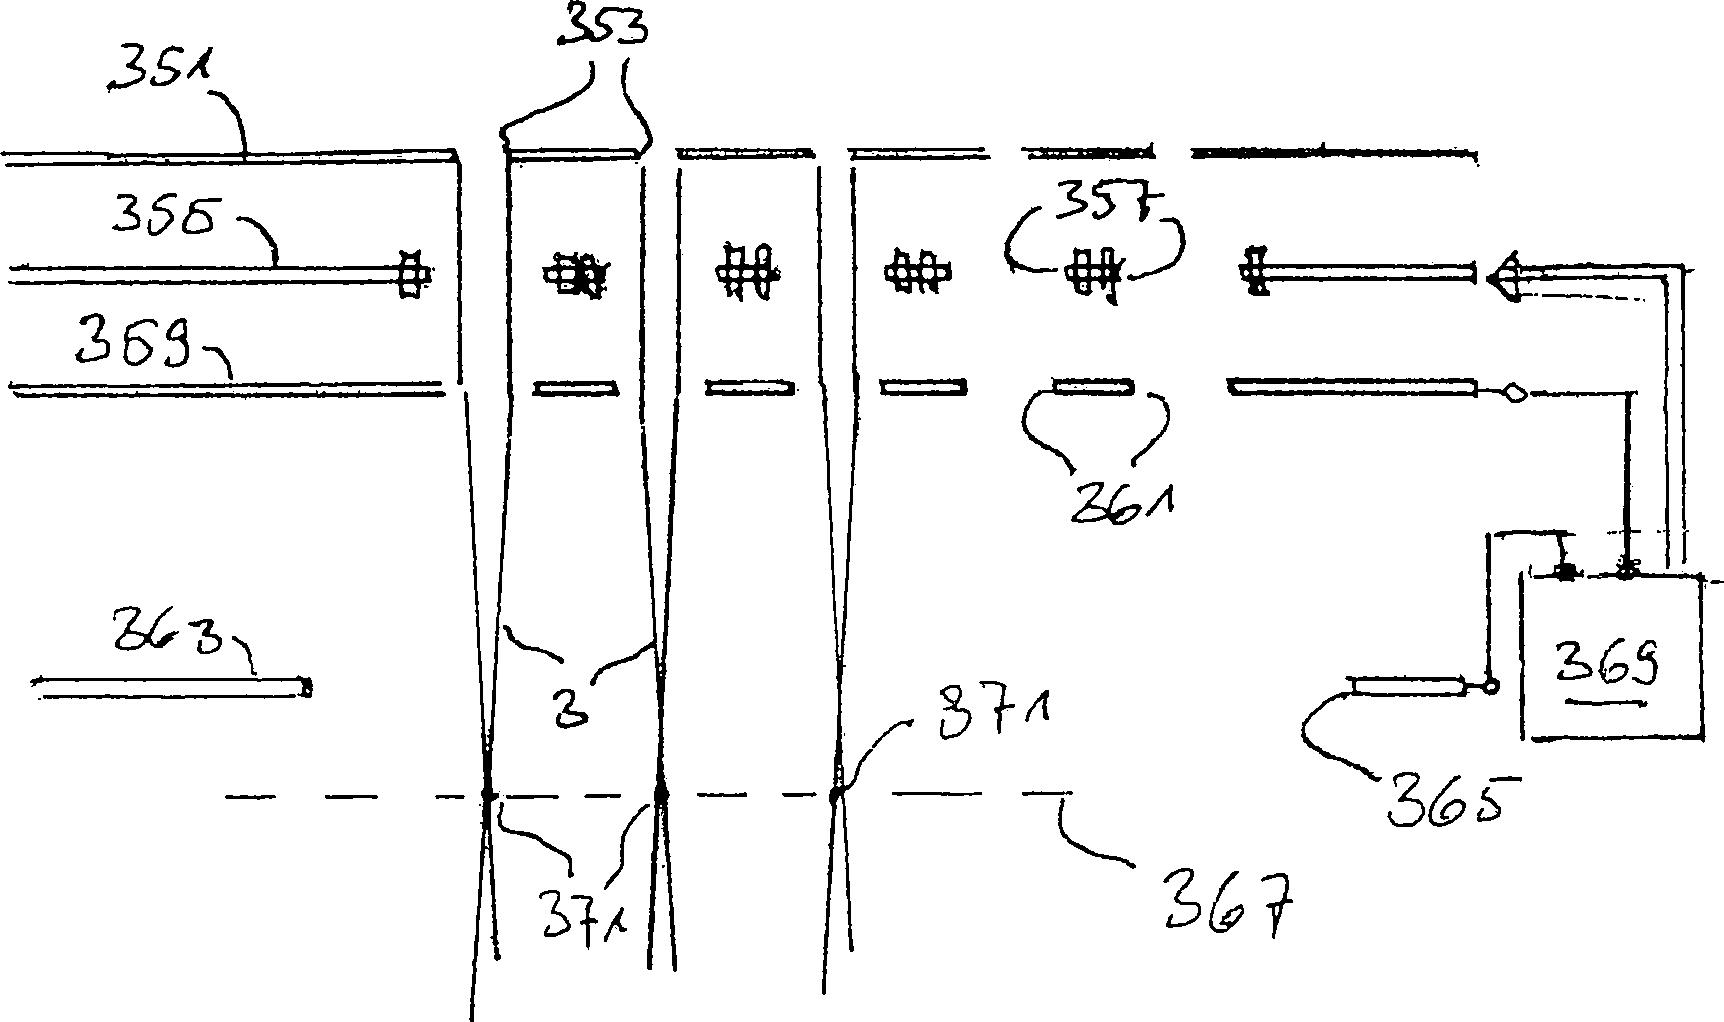 Figure DE102014008083B9_0001